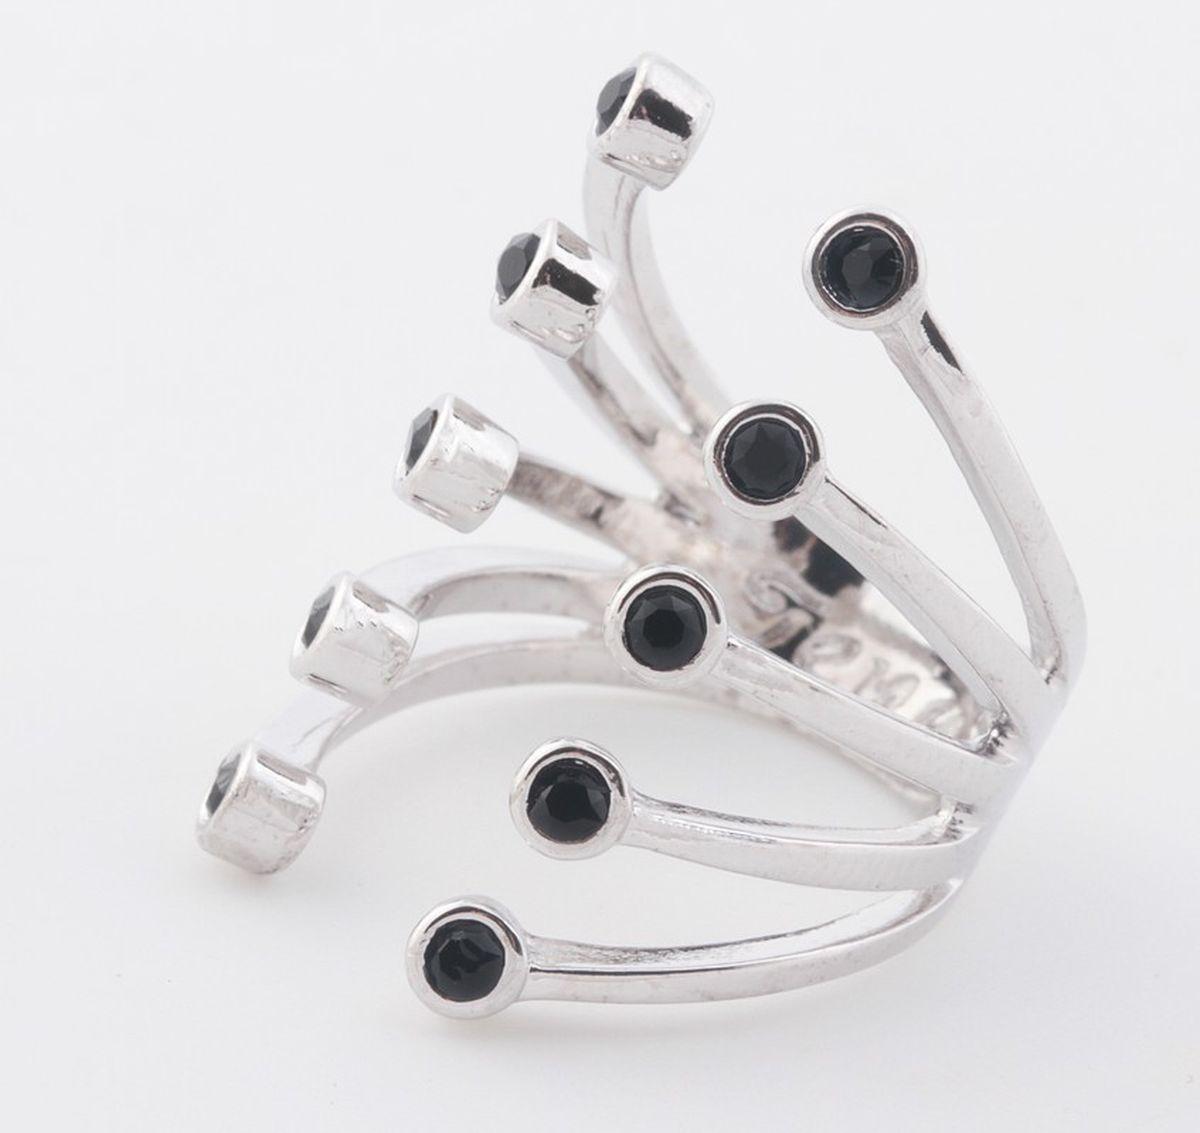 Jenavi, Коллекция Триада, Пурина (Кольцо), цвет - серебряный, черный, размер - 20f694f060Коллекция Триада, Пурина (Кольцо) гипоаллергенный ювелирный сплав,Серебрение c род. , вставка Кристаллы Swarovski , цвет - серебряный, черный, размер - 20